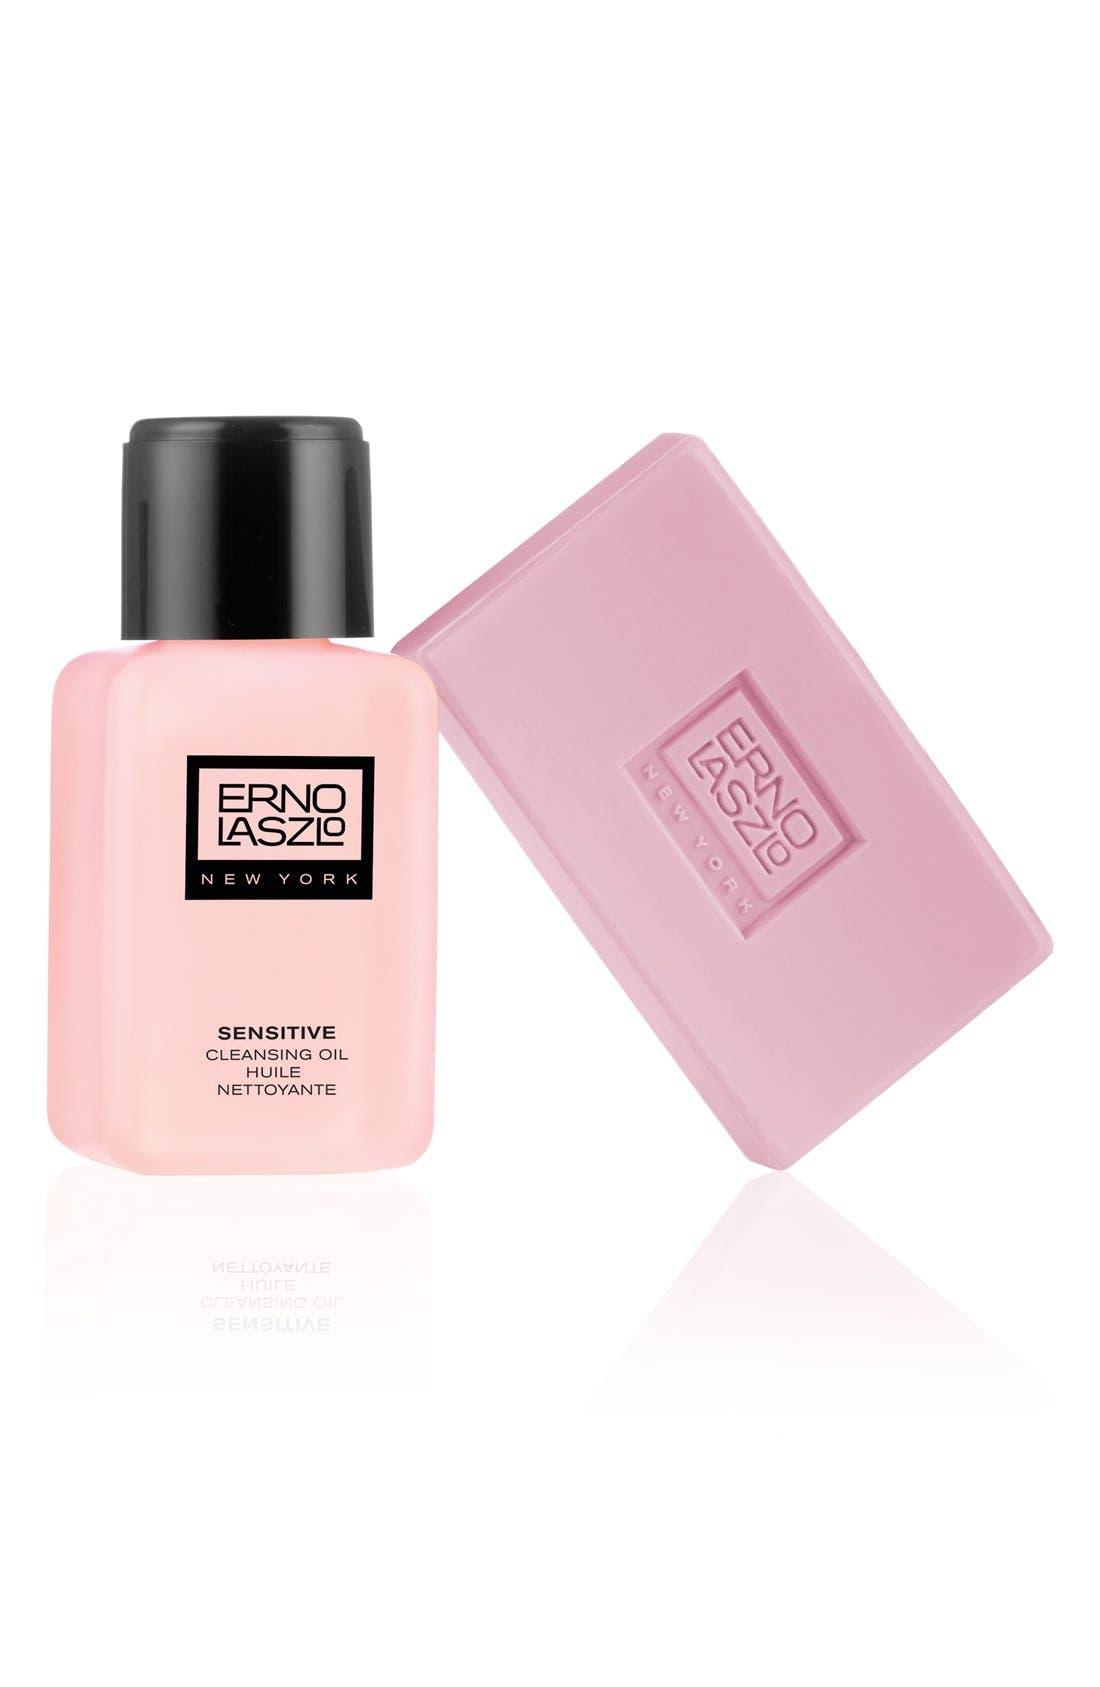 Erno Laszlo Sensitive Skin Cleansing Set ($38 Value)